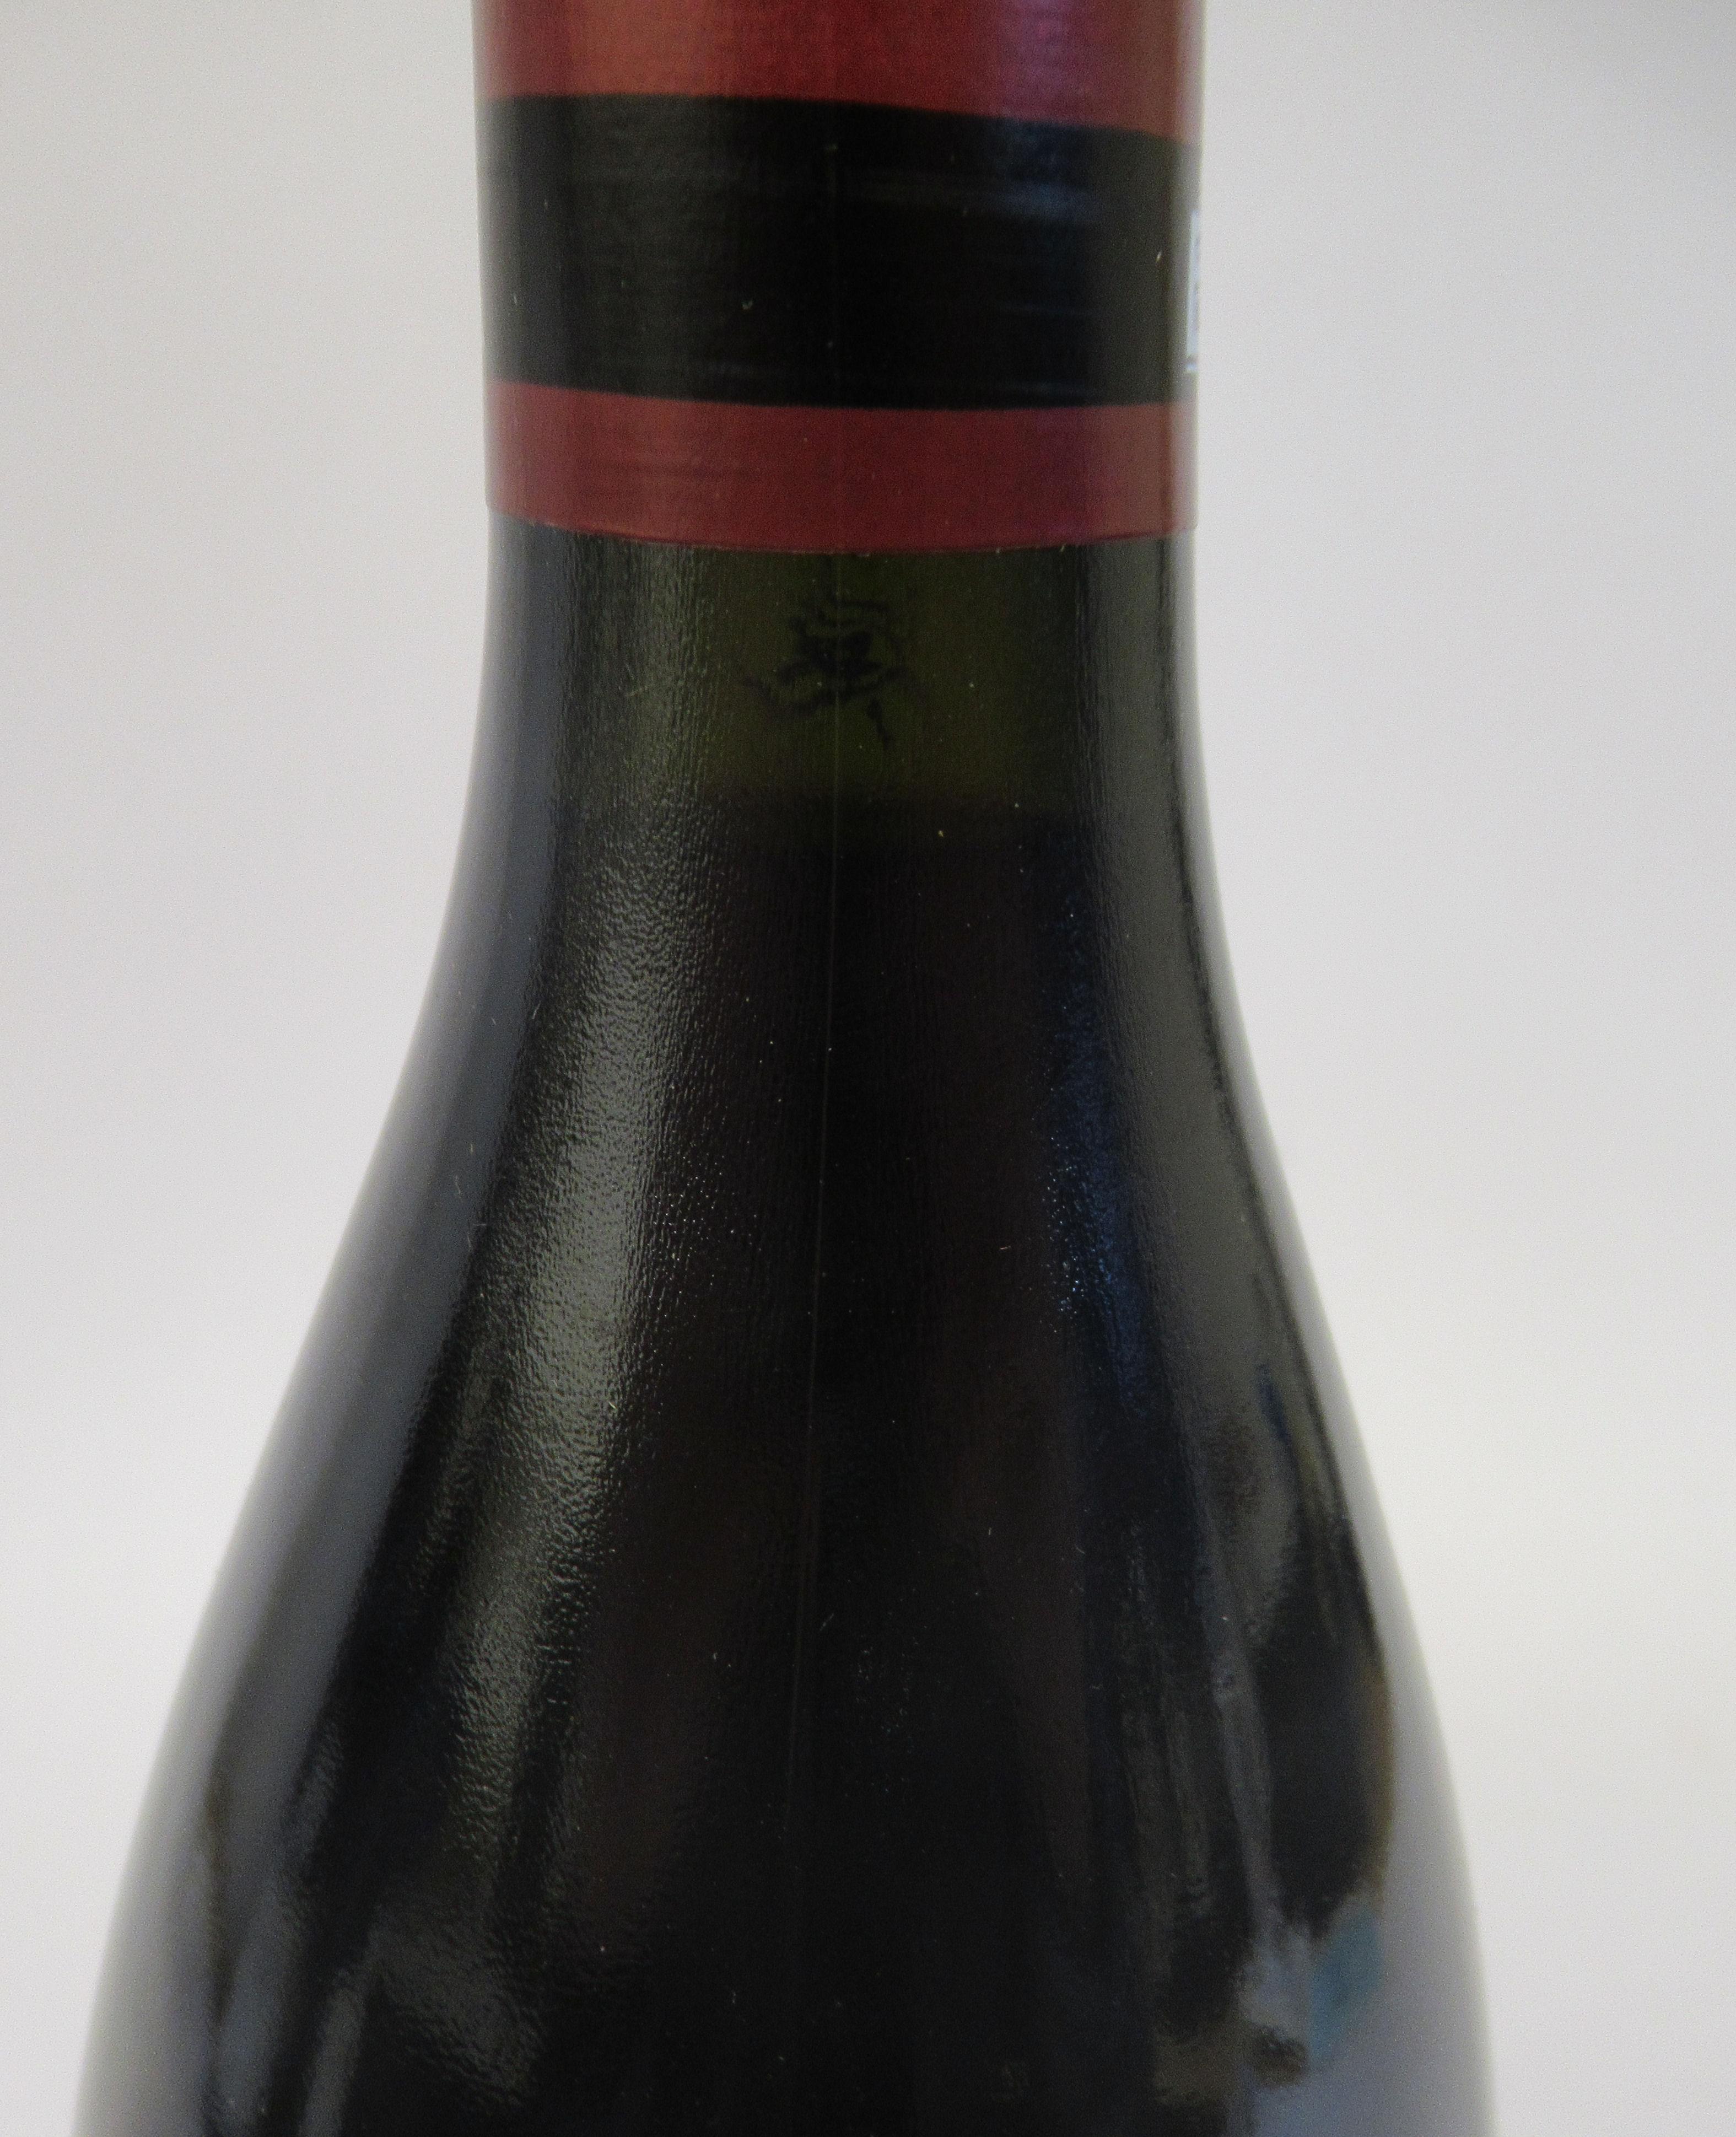 Wine, a bottle of 1996 Echezeaux Domaine De La Romanee-Conti (bottle number 06150) - Image 2 of 3